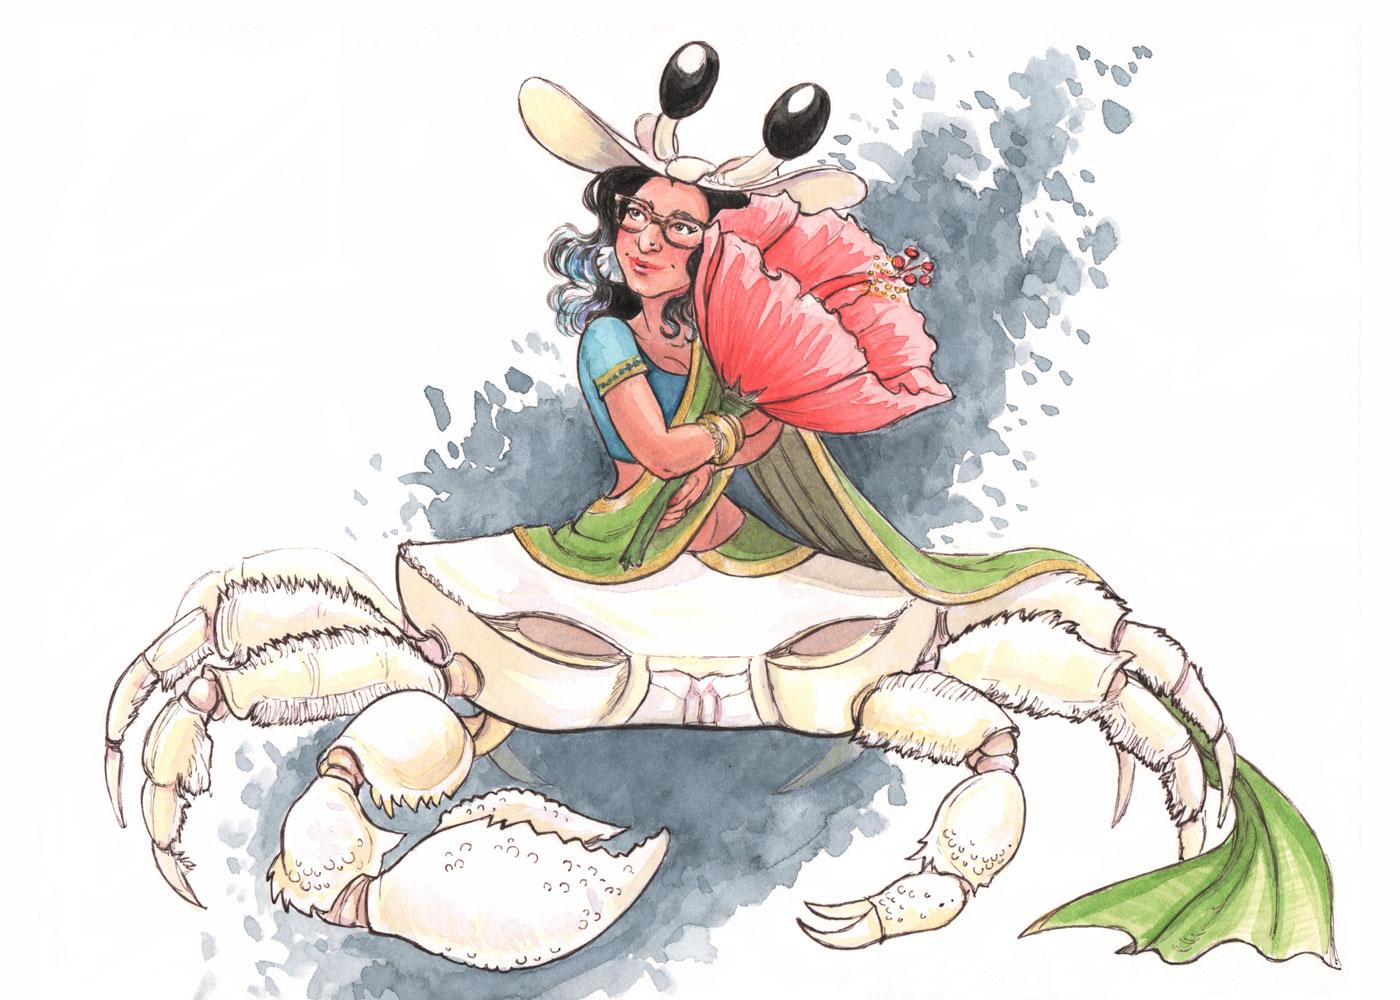 MerMay2019 -- Day 7: White Sand Crab Mermaid Waring Pavadai Davani Sari In Love